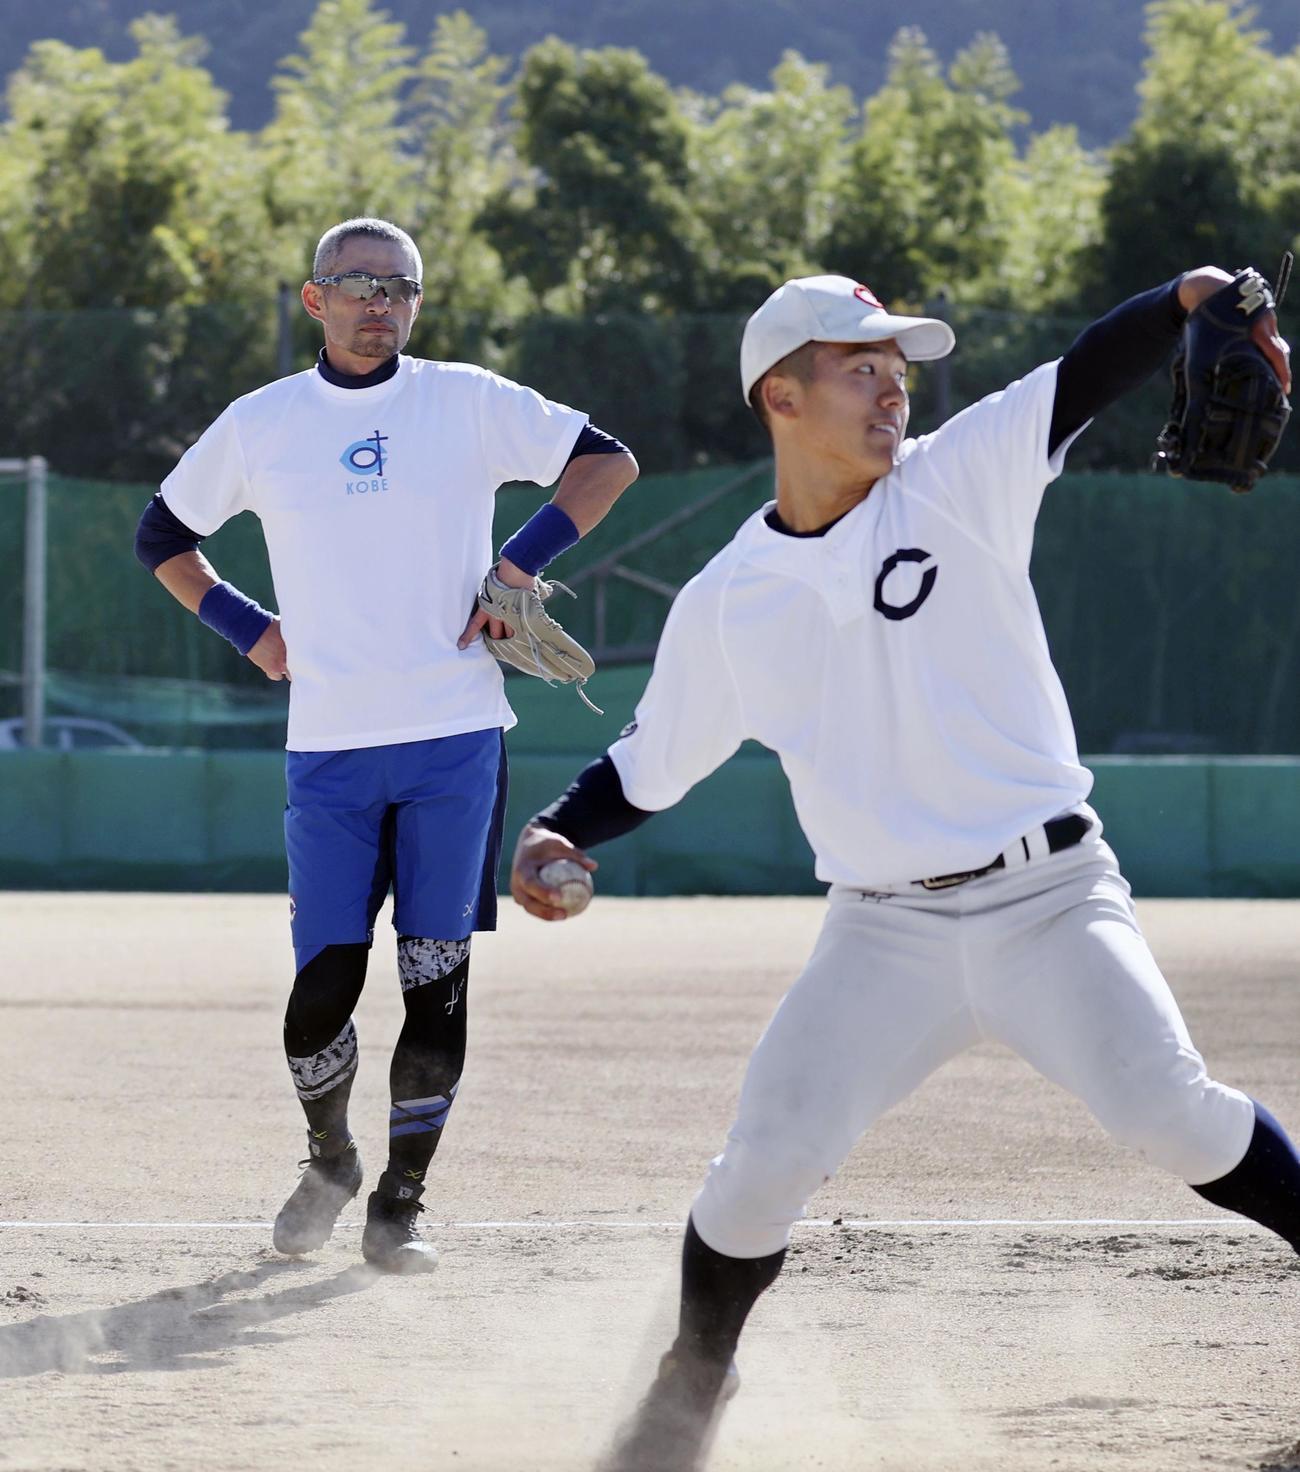 智弁和歌山の練習でキャッチボールする選手を見つめるイチロー氏(代表撮影)